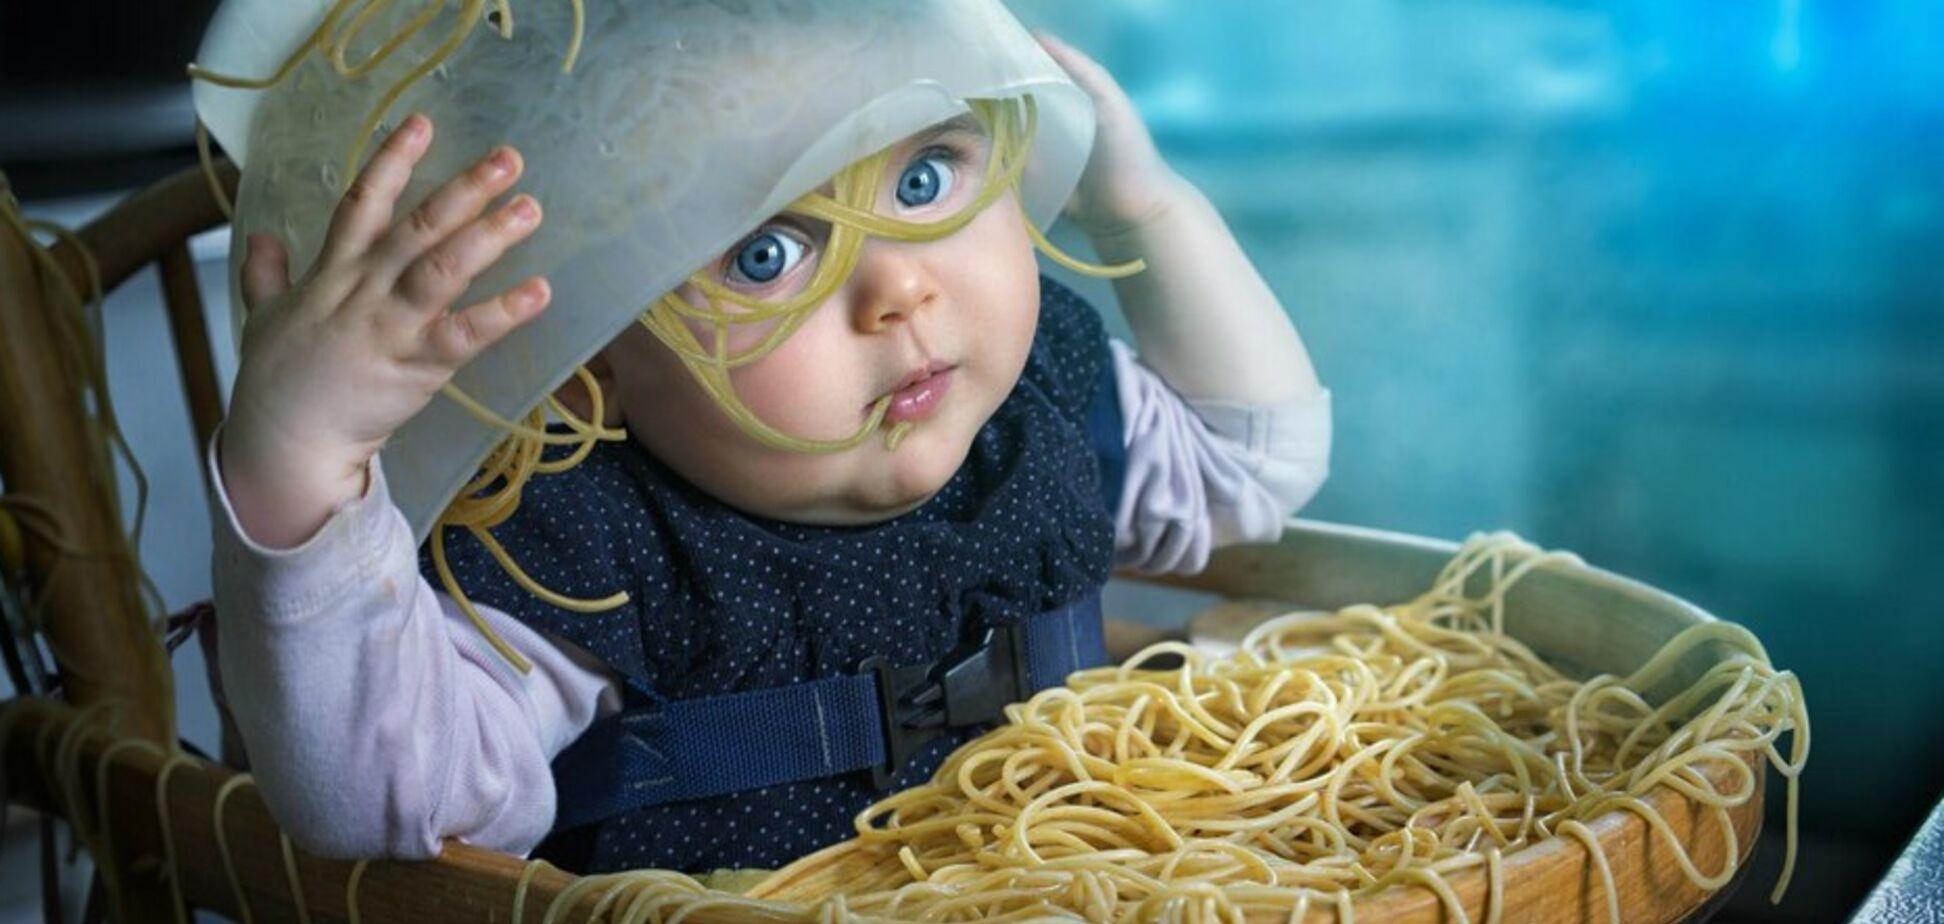 'Гру престолів' і 'дитячу' проблему в ресторанах зв'язали в мем